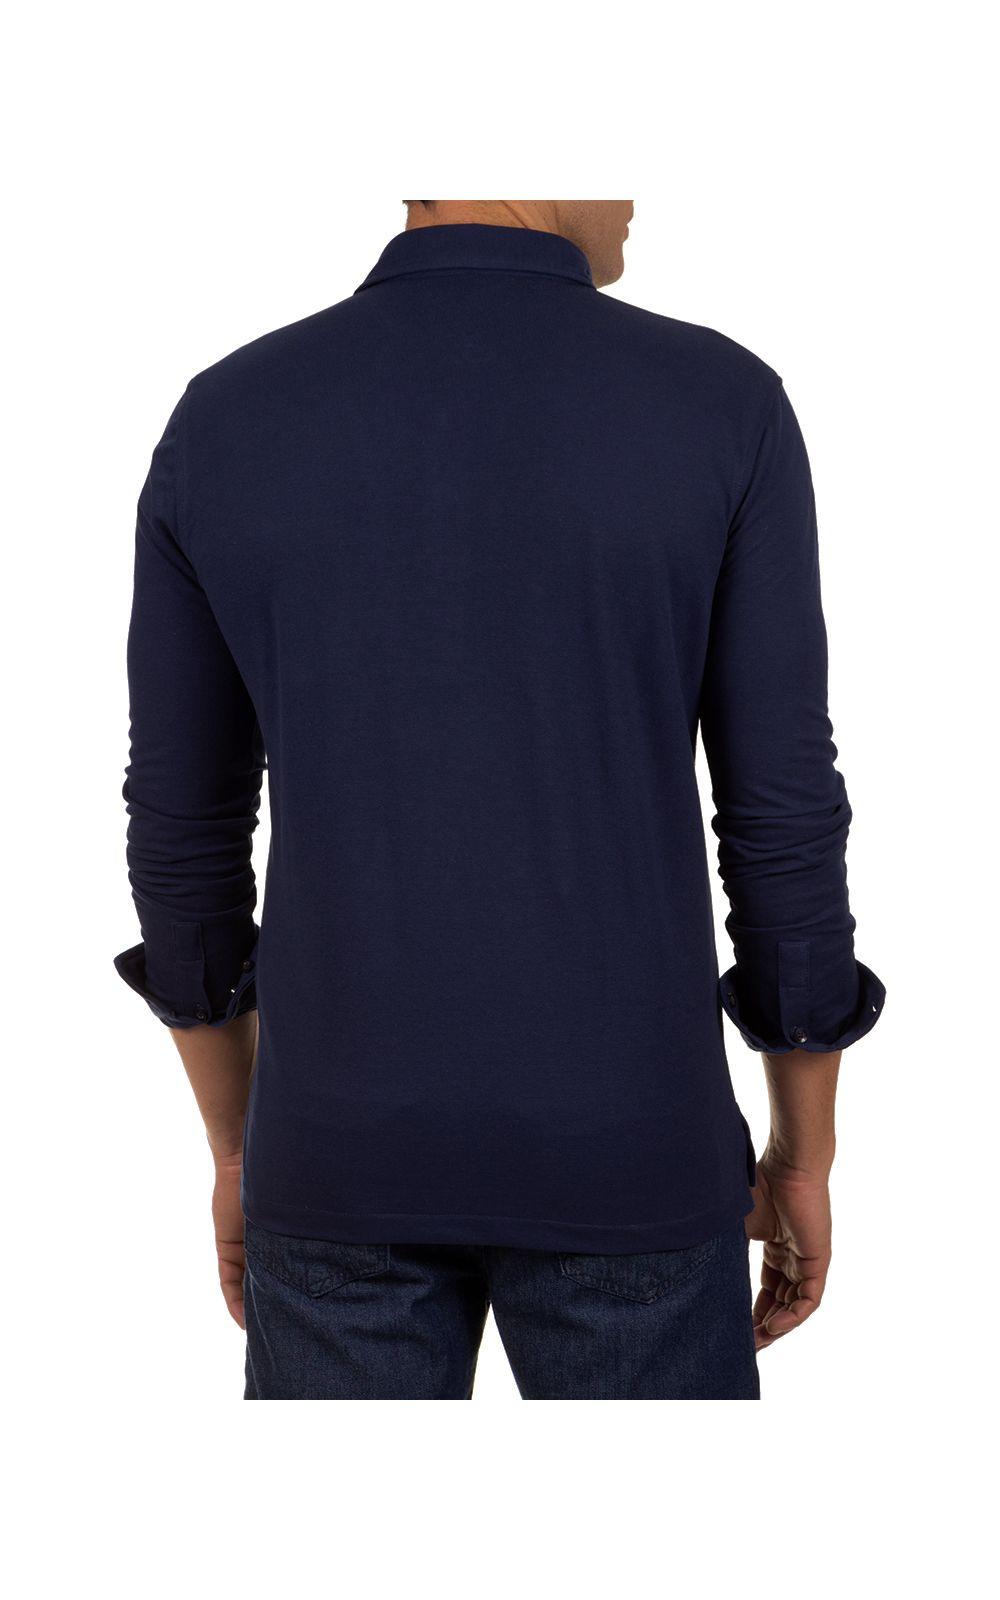 Foto 2 - Camisa Polo Masculina Azul Escuro Lisa